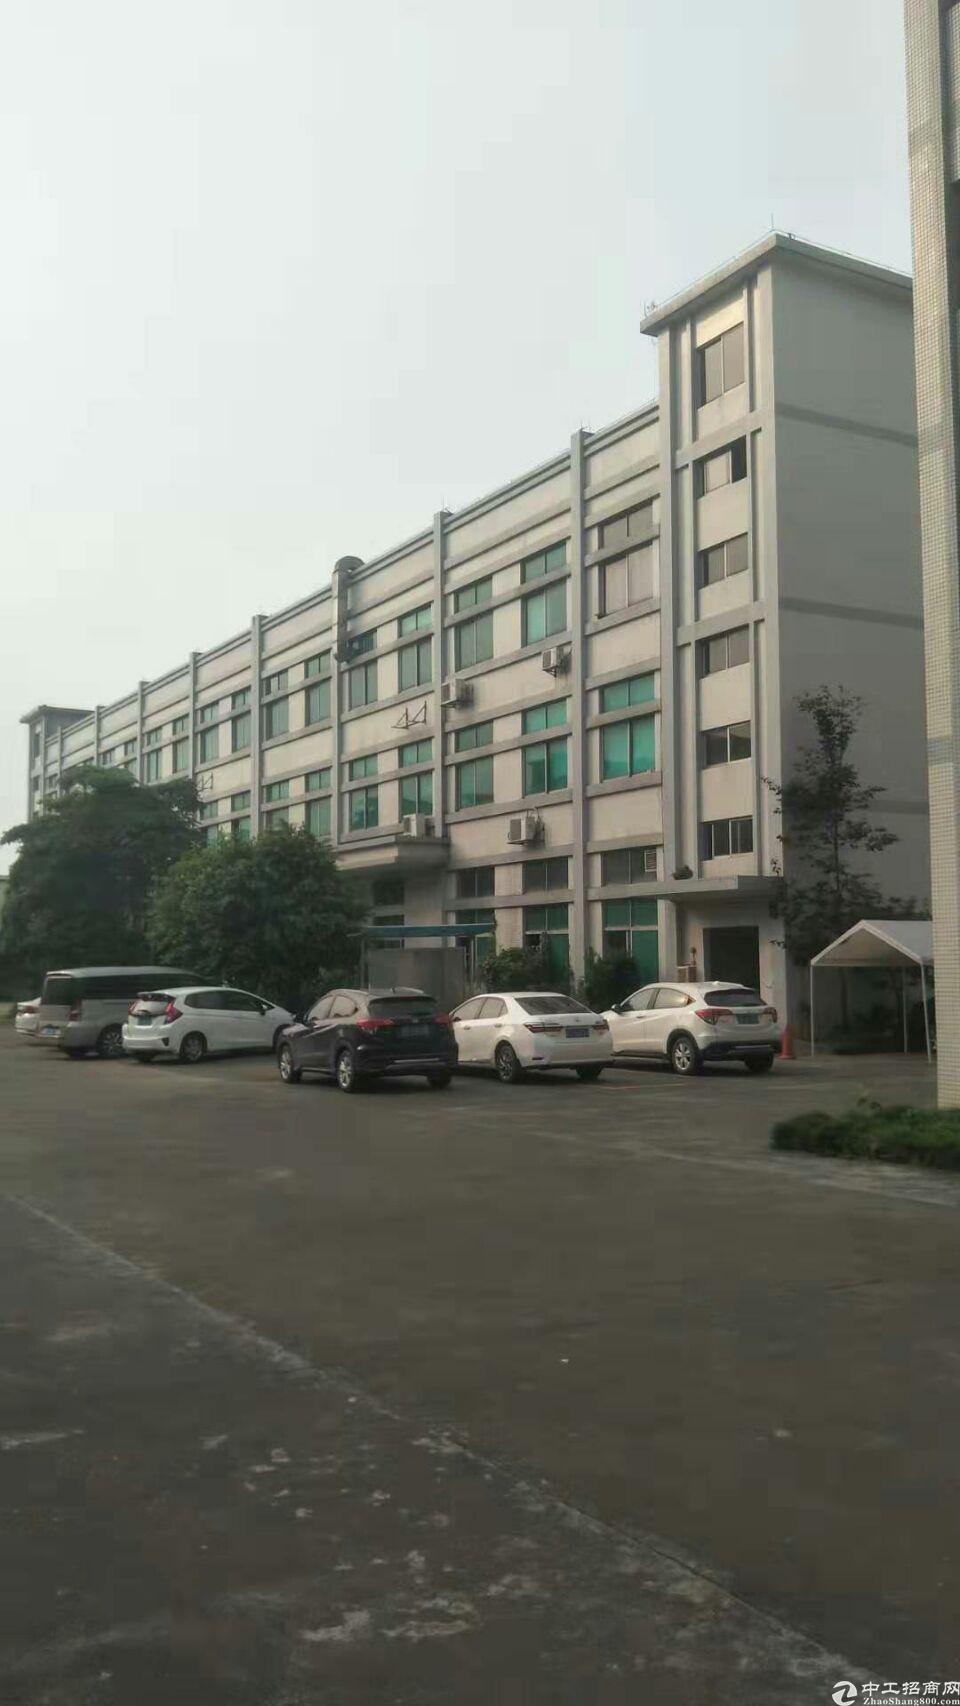 企石镇原房东独院标准厂房分租1-3层3000平方